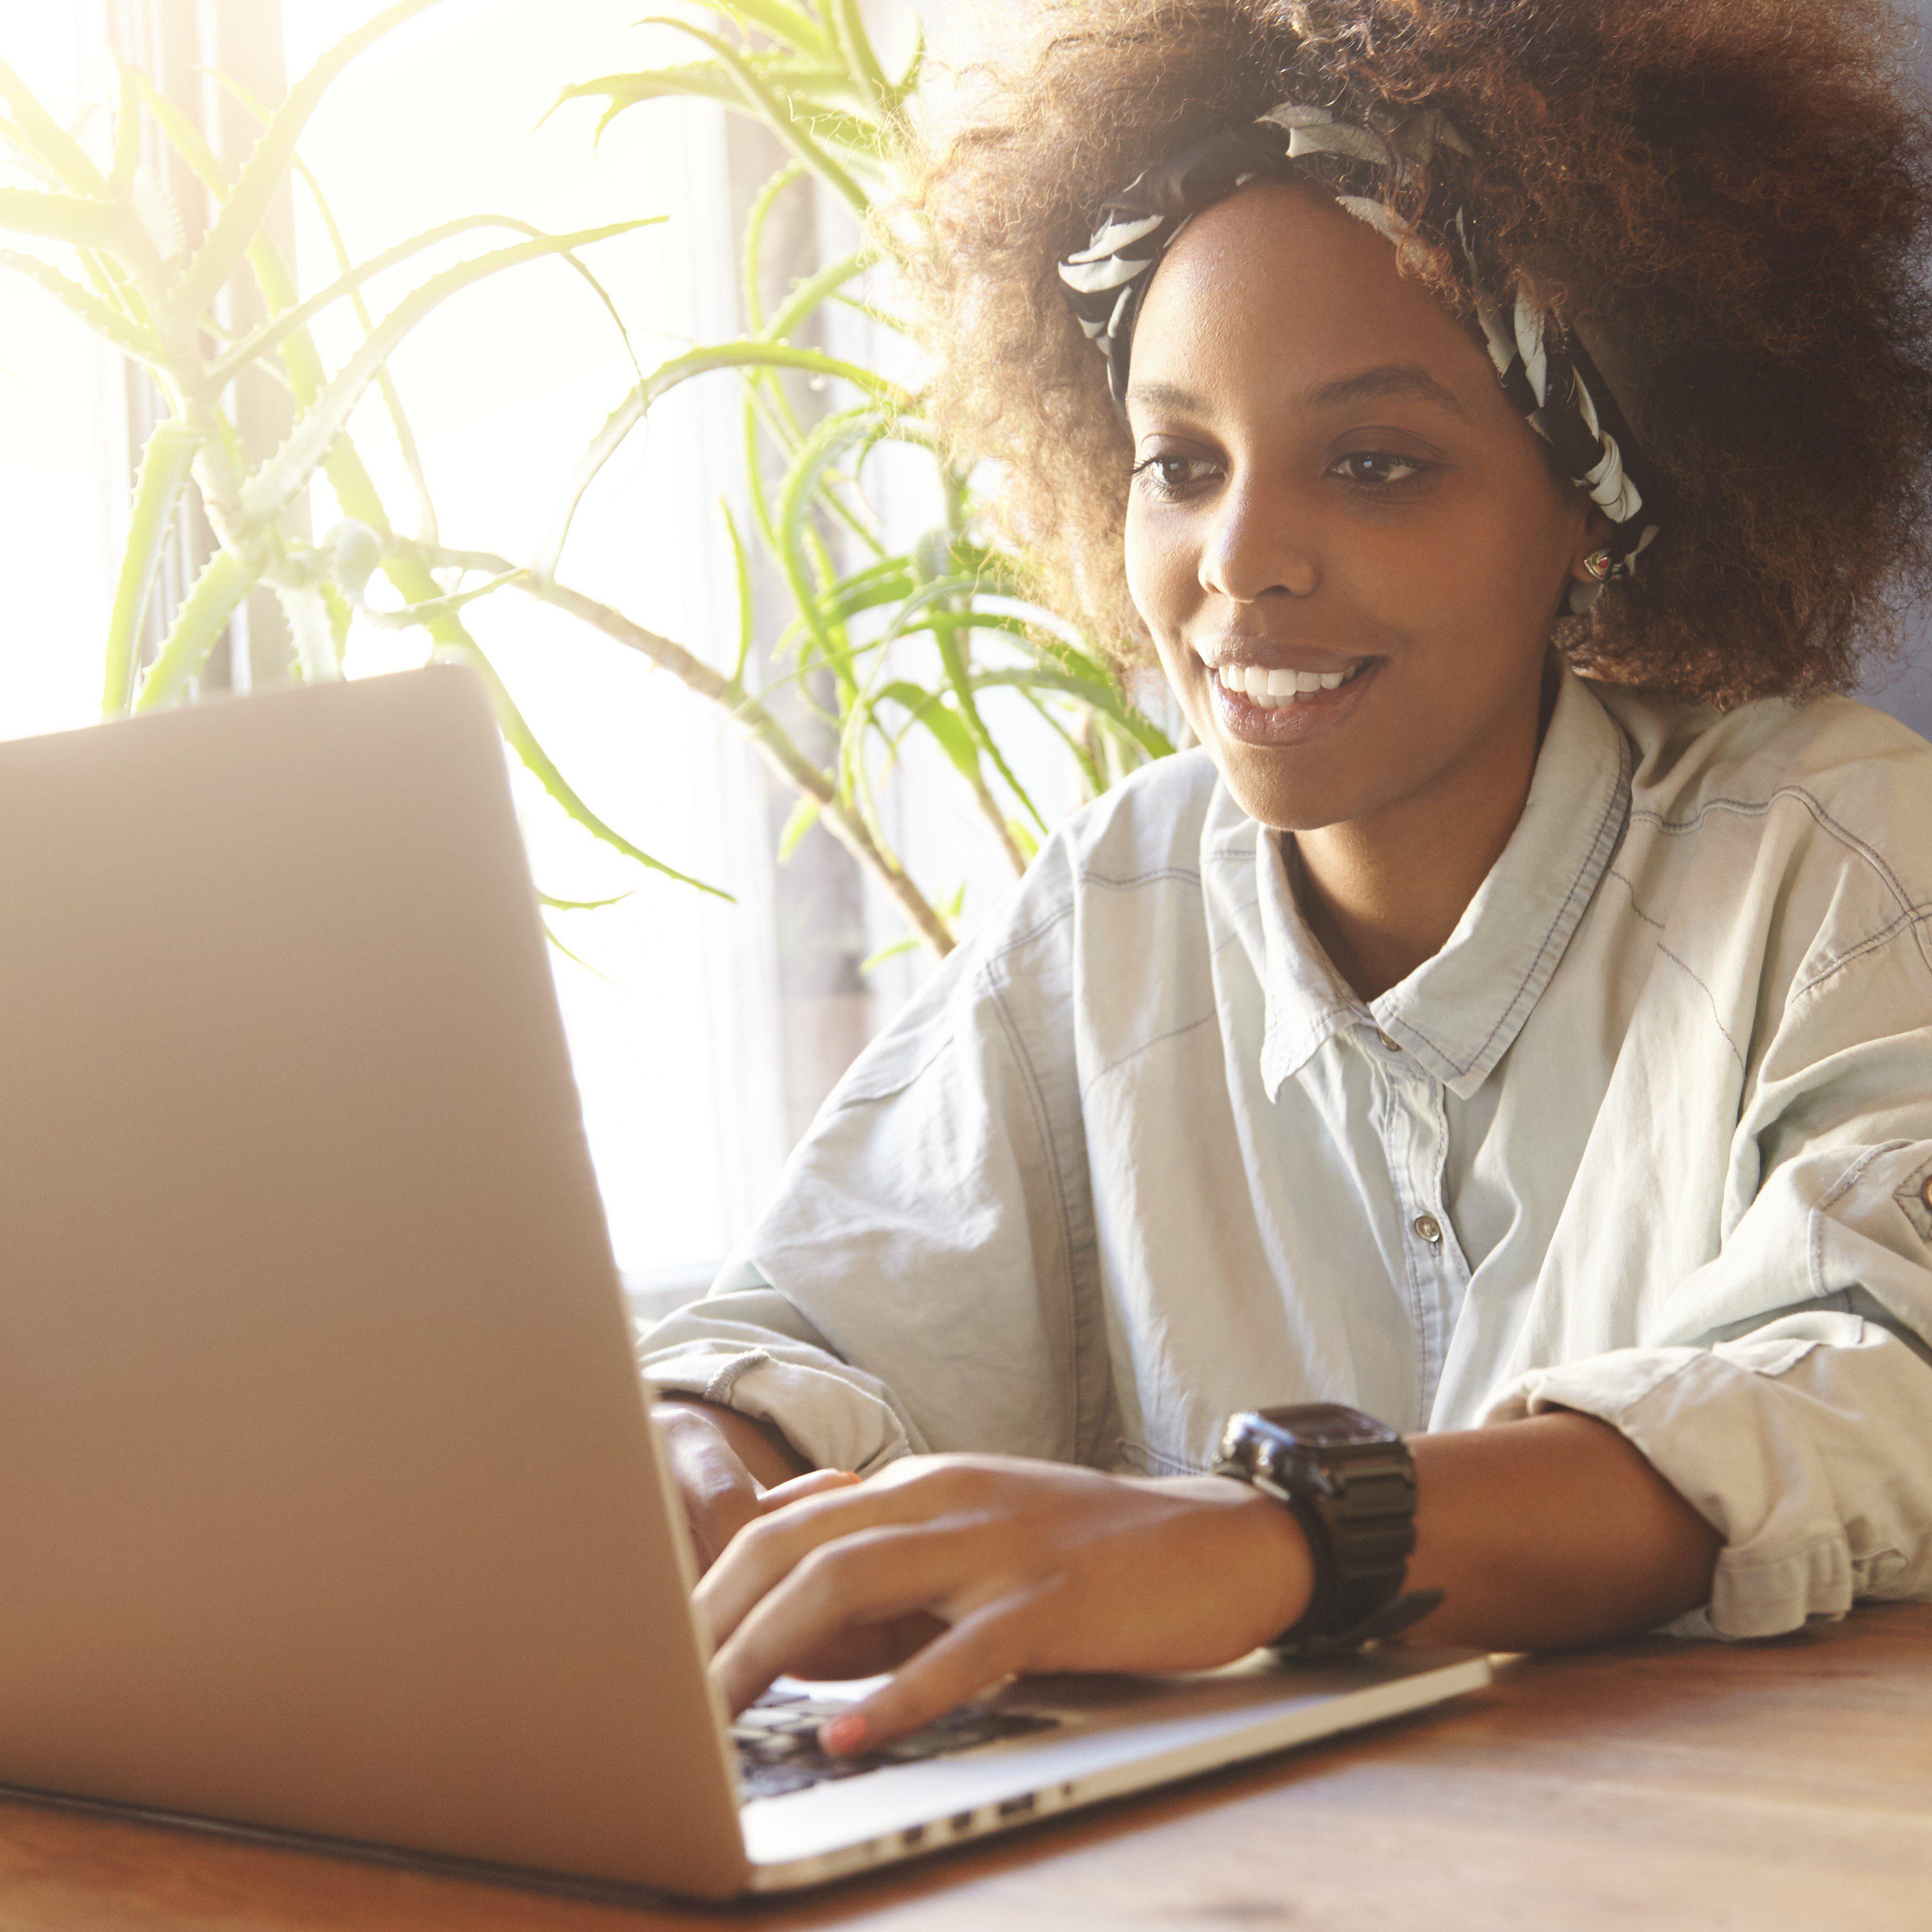 online payment methods 2017